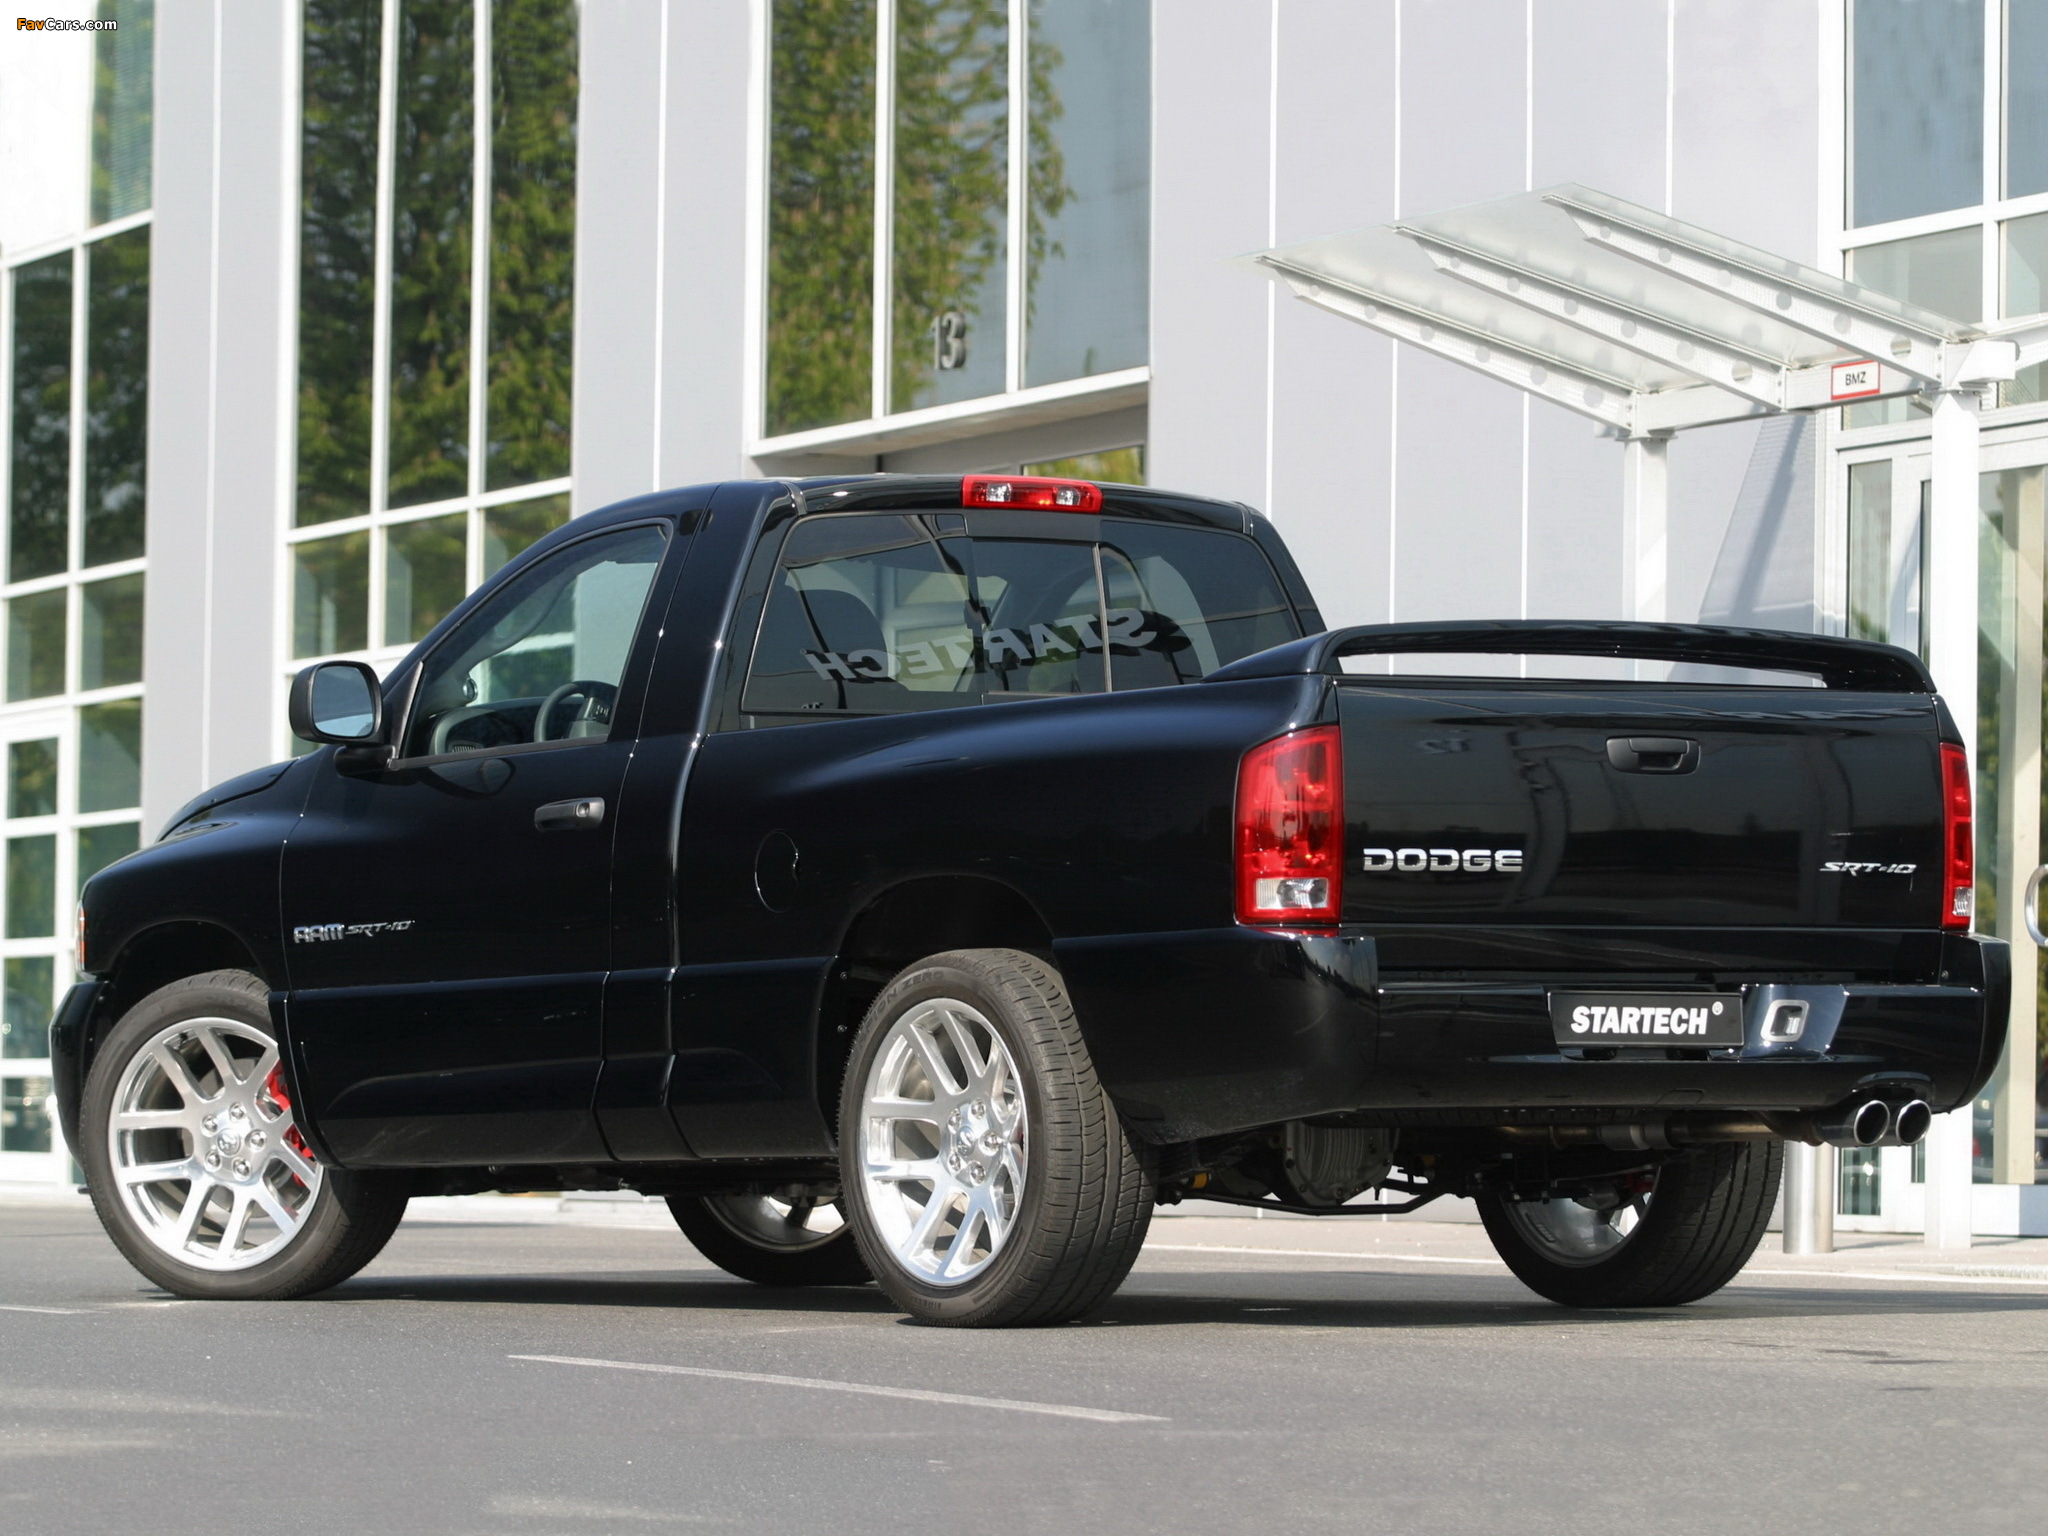 Startech Dodge Ram SRT10 images (2048 x 1536)